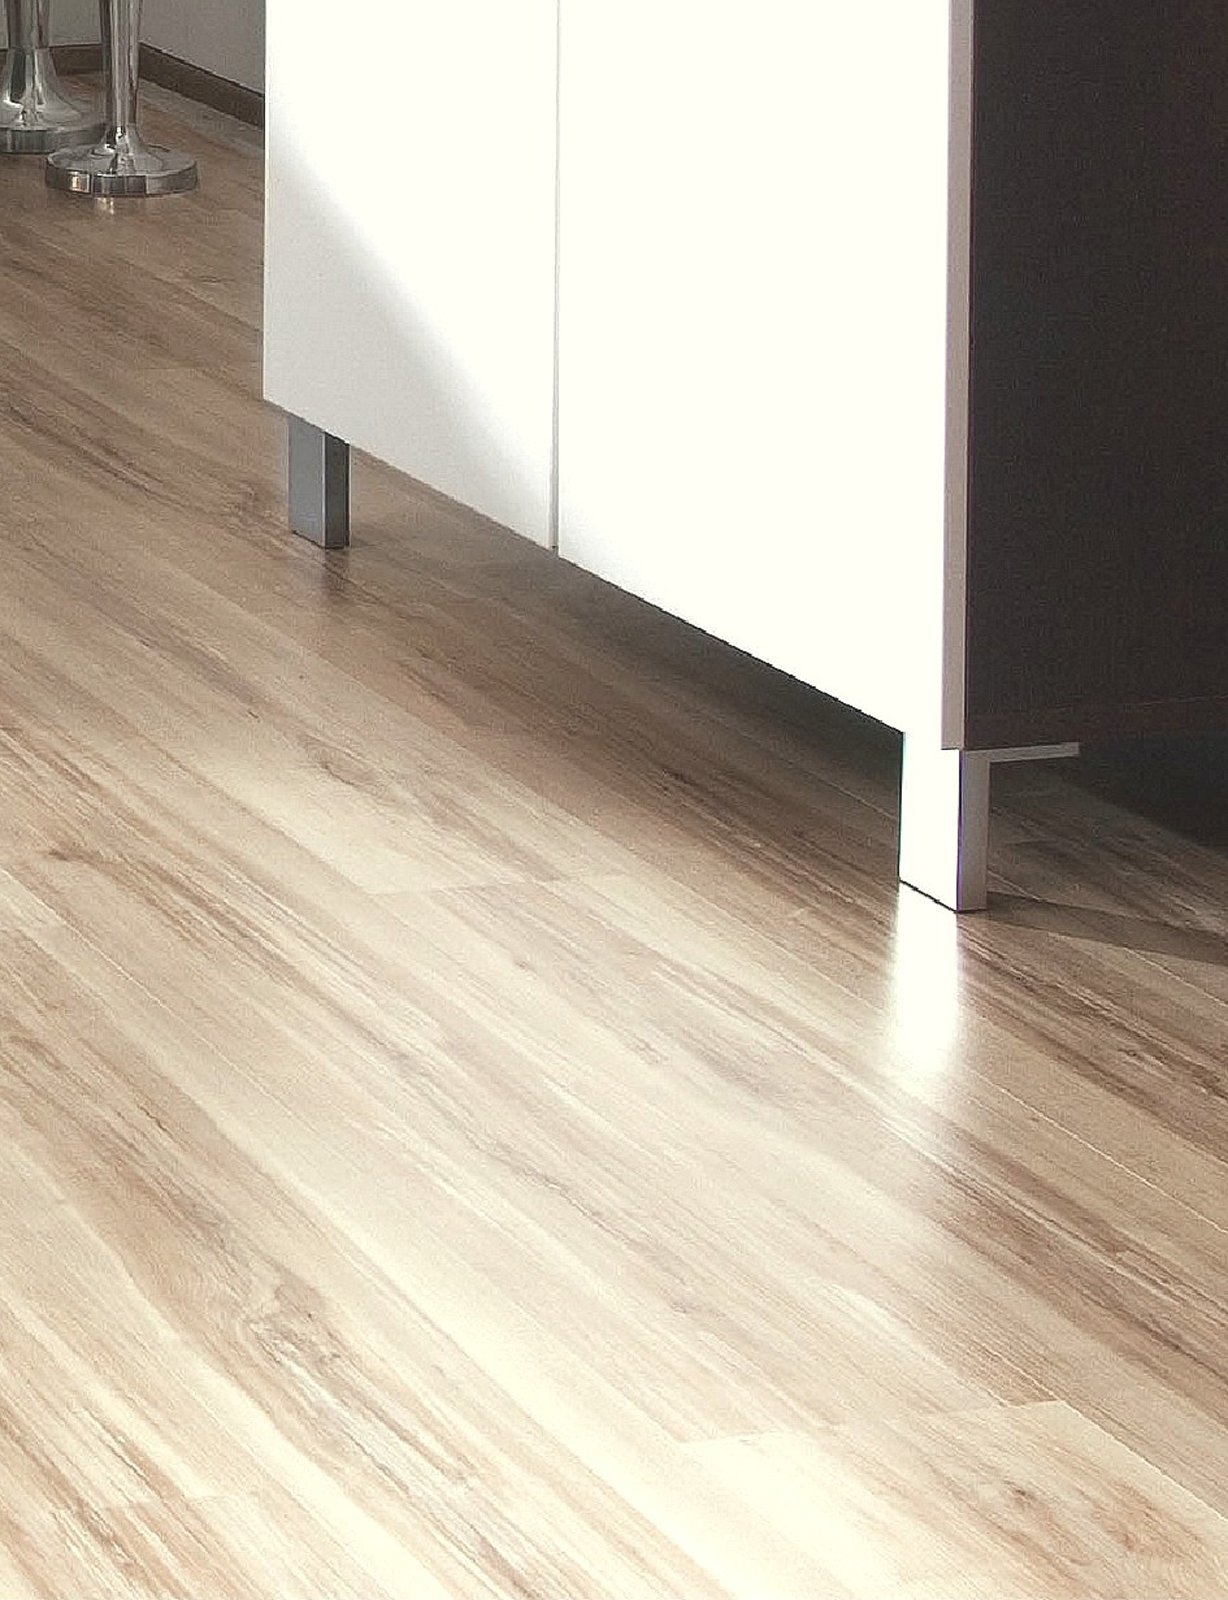 Mobili lavelli laminati ad incastro ikea for Ikea pavimenti in laminato